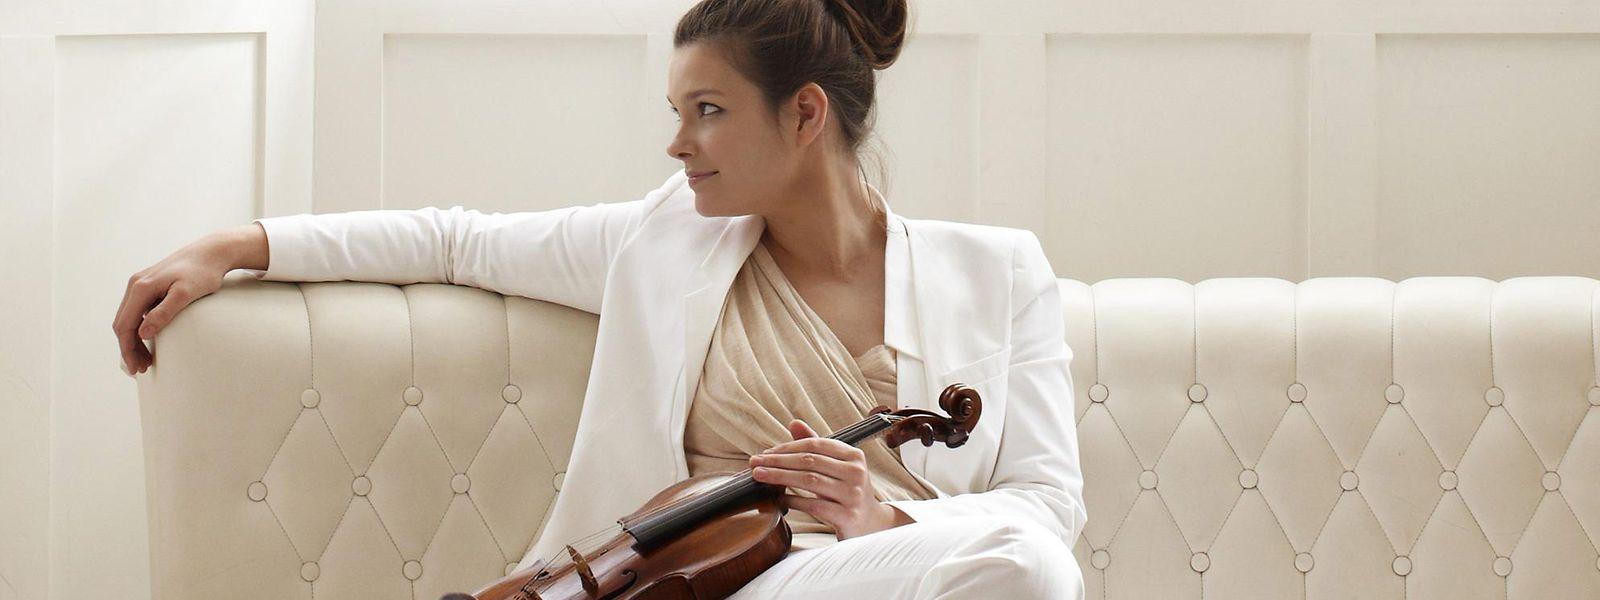 Ob sie nun mit einem Orchester oder nur mit einem Musikerkollegen spielt: Für Janine Jansen kommt es beim Musizieren auf eine echte und offene Kommunikation an.